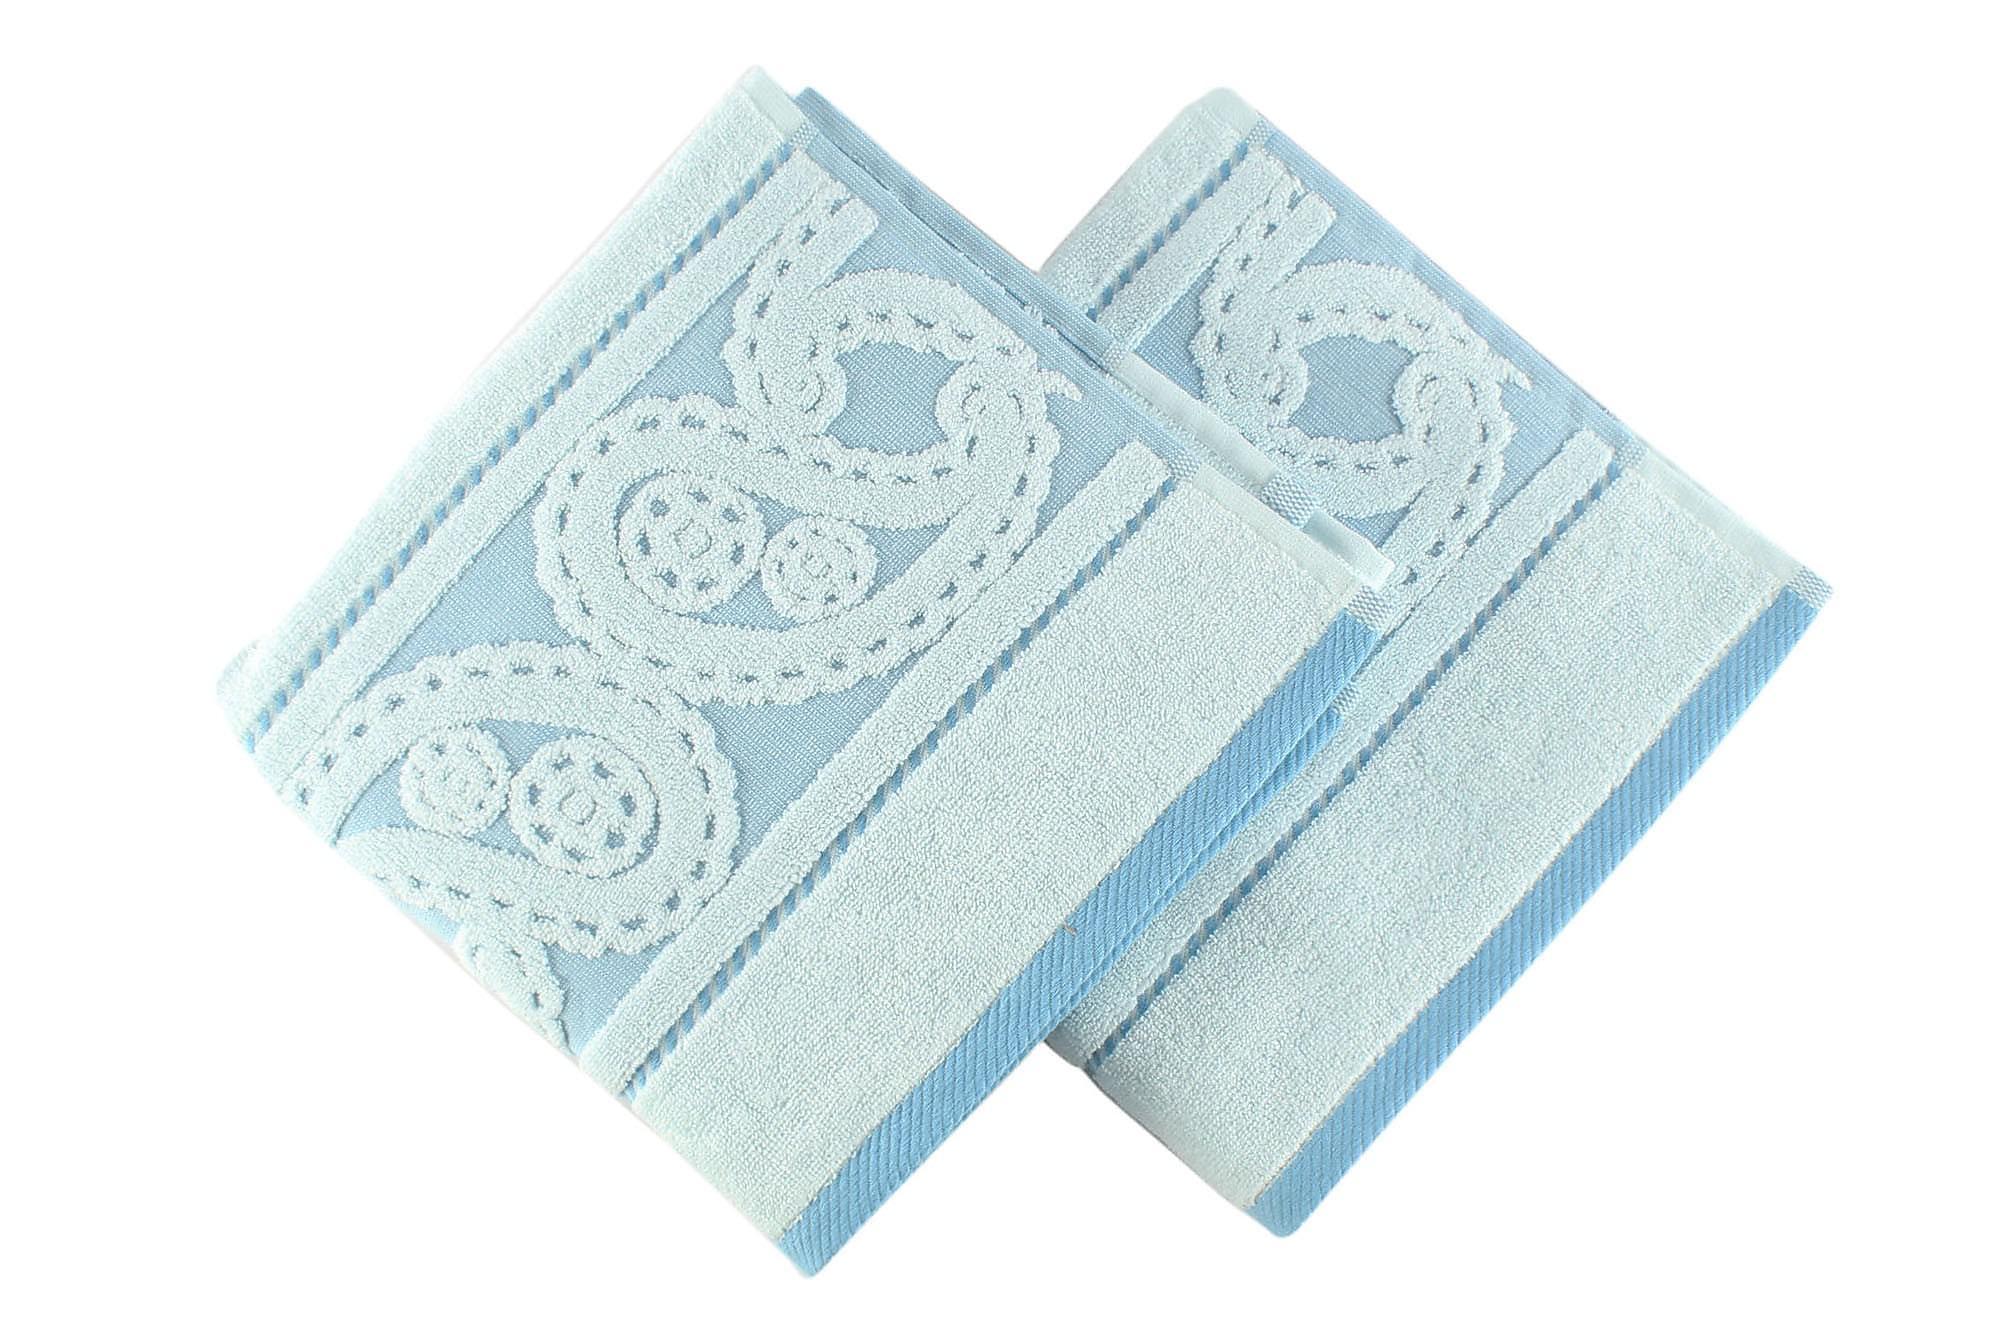 HOBBY Handduk 50×90 2-pack Blå/Ljusblå